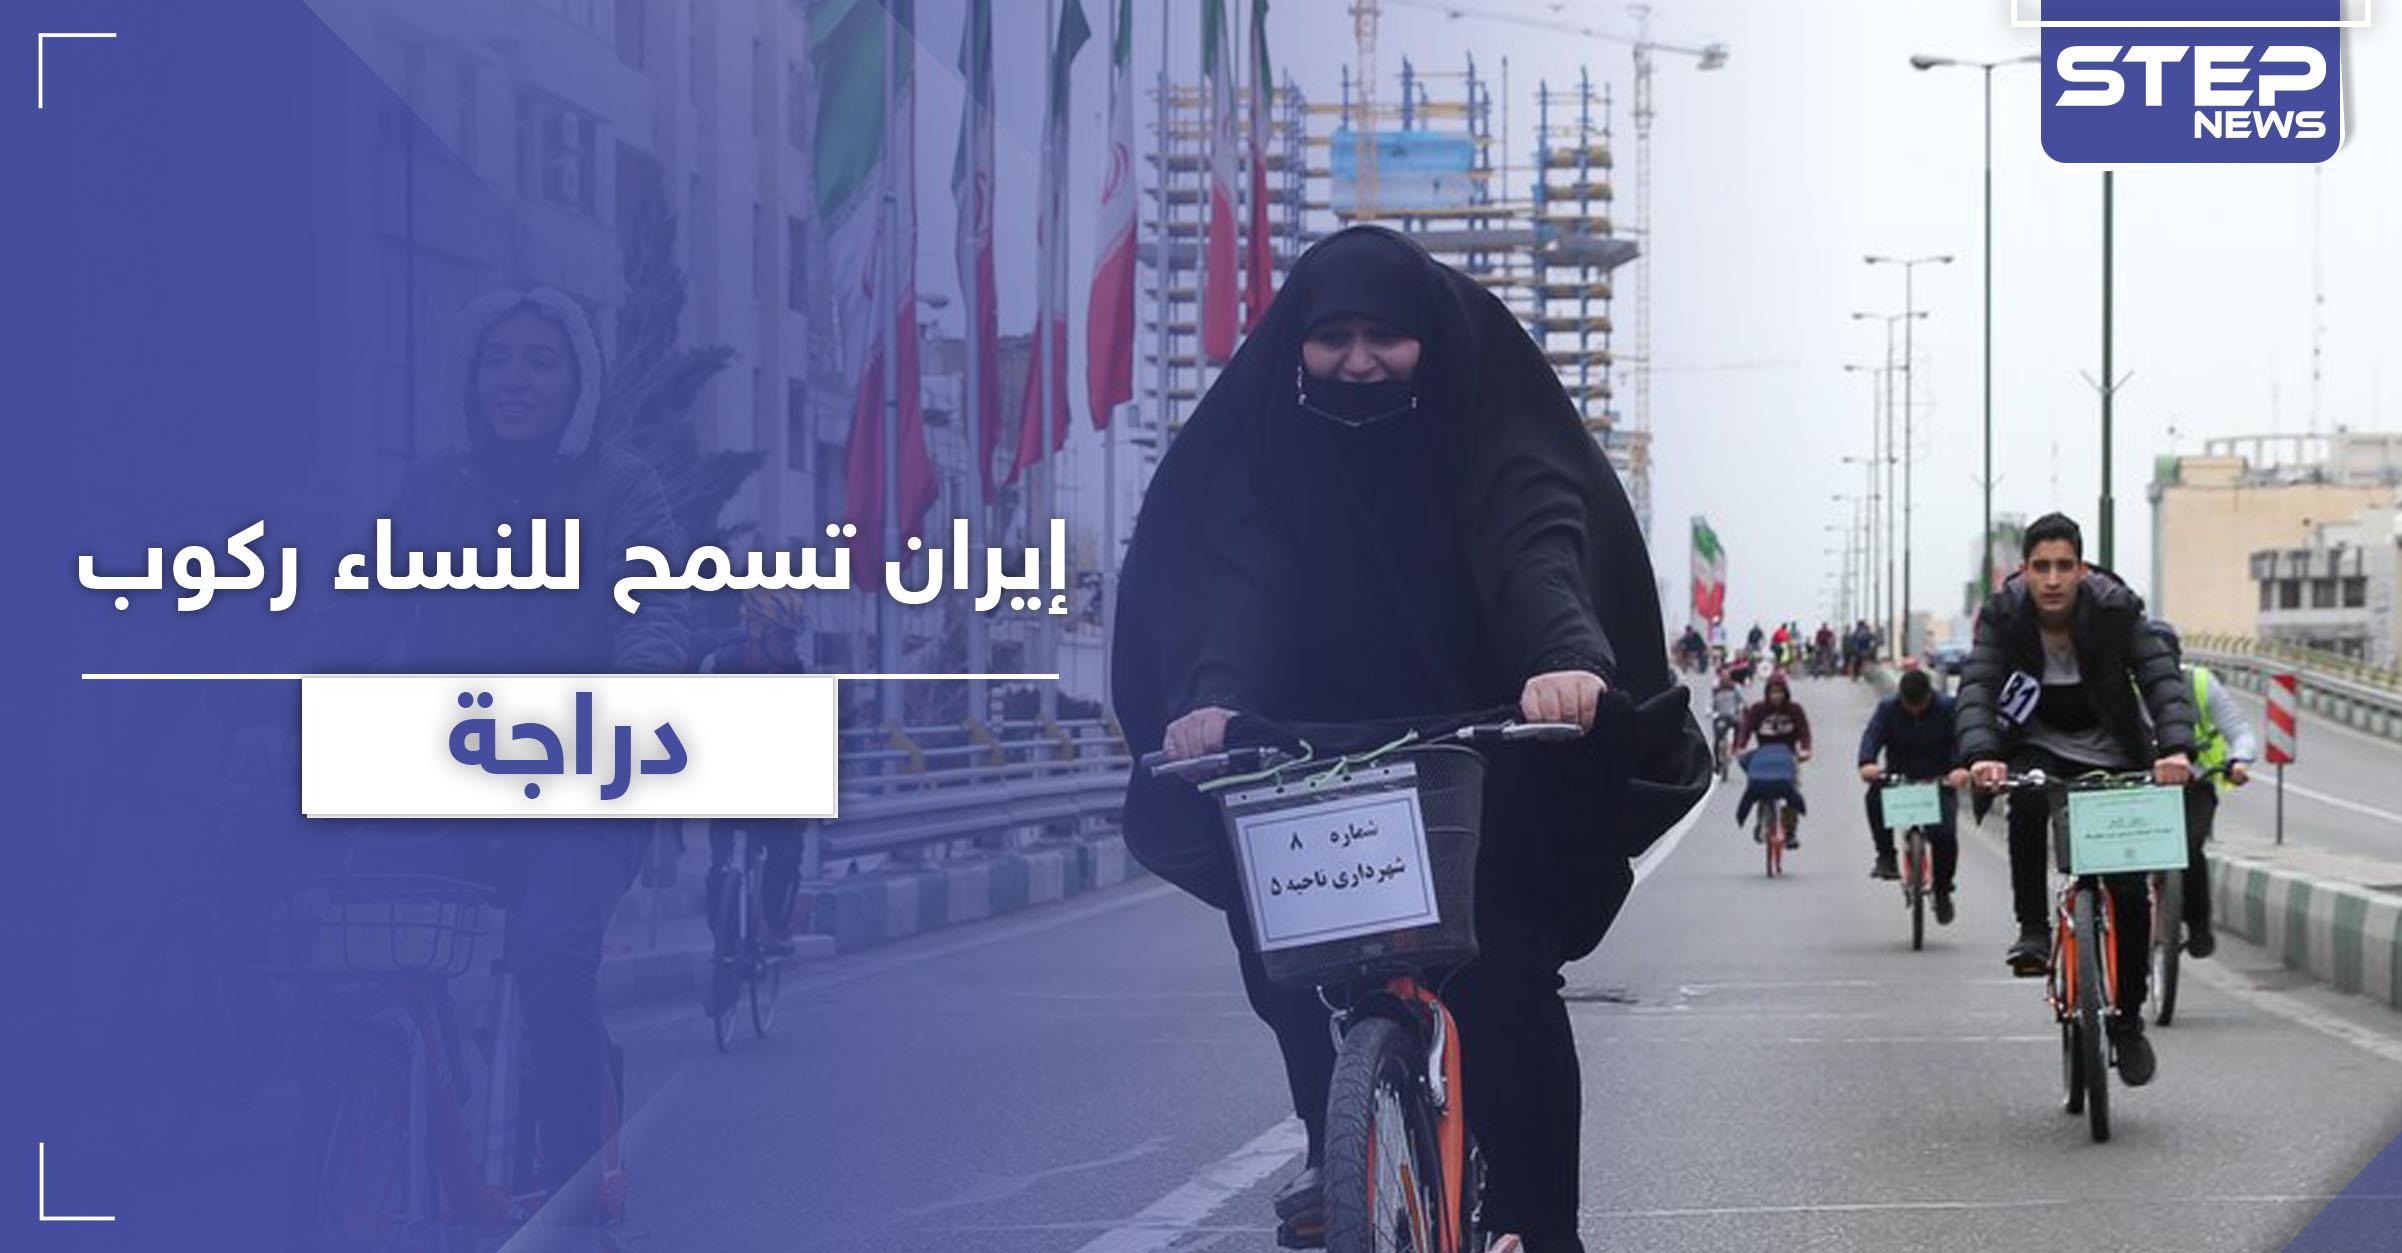 السلطات الإيرانية تسمح للنساء بركوب الدراجات الهوائية في مدينة مشهد